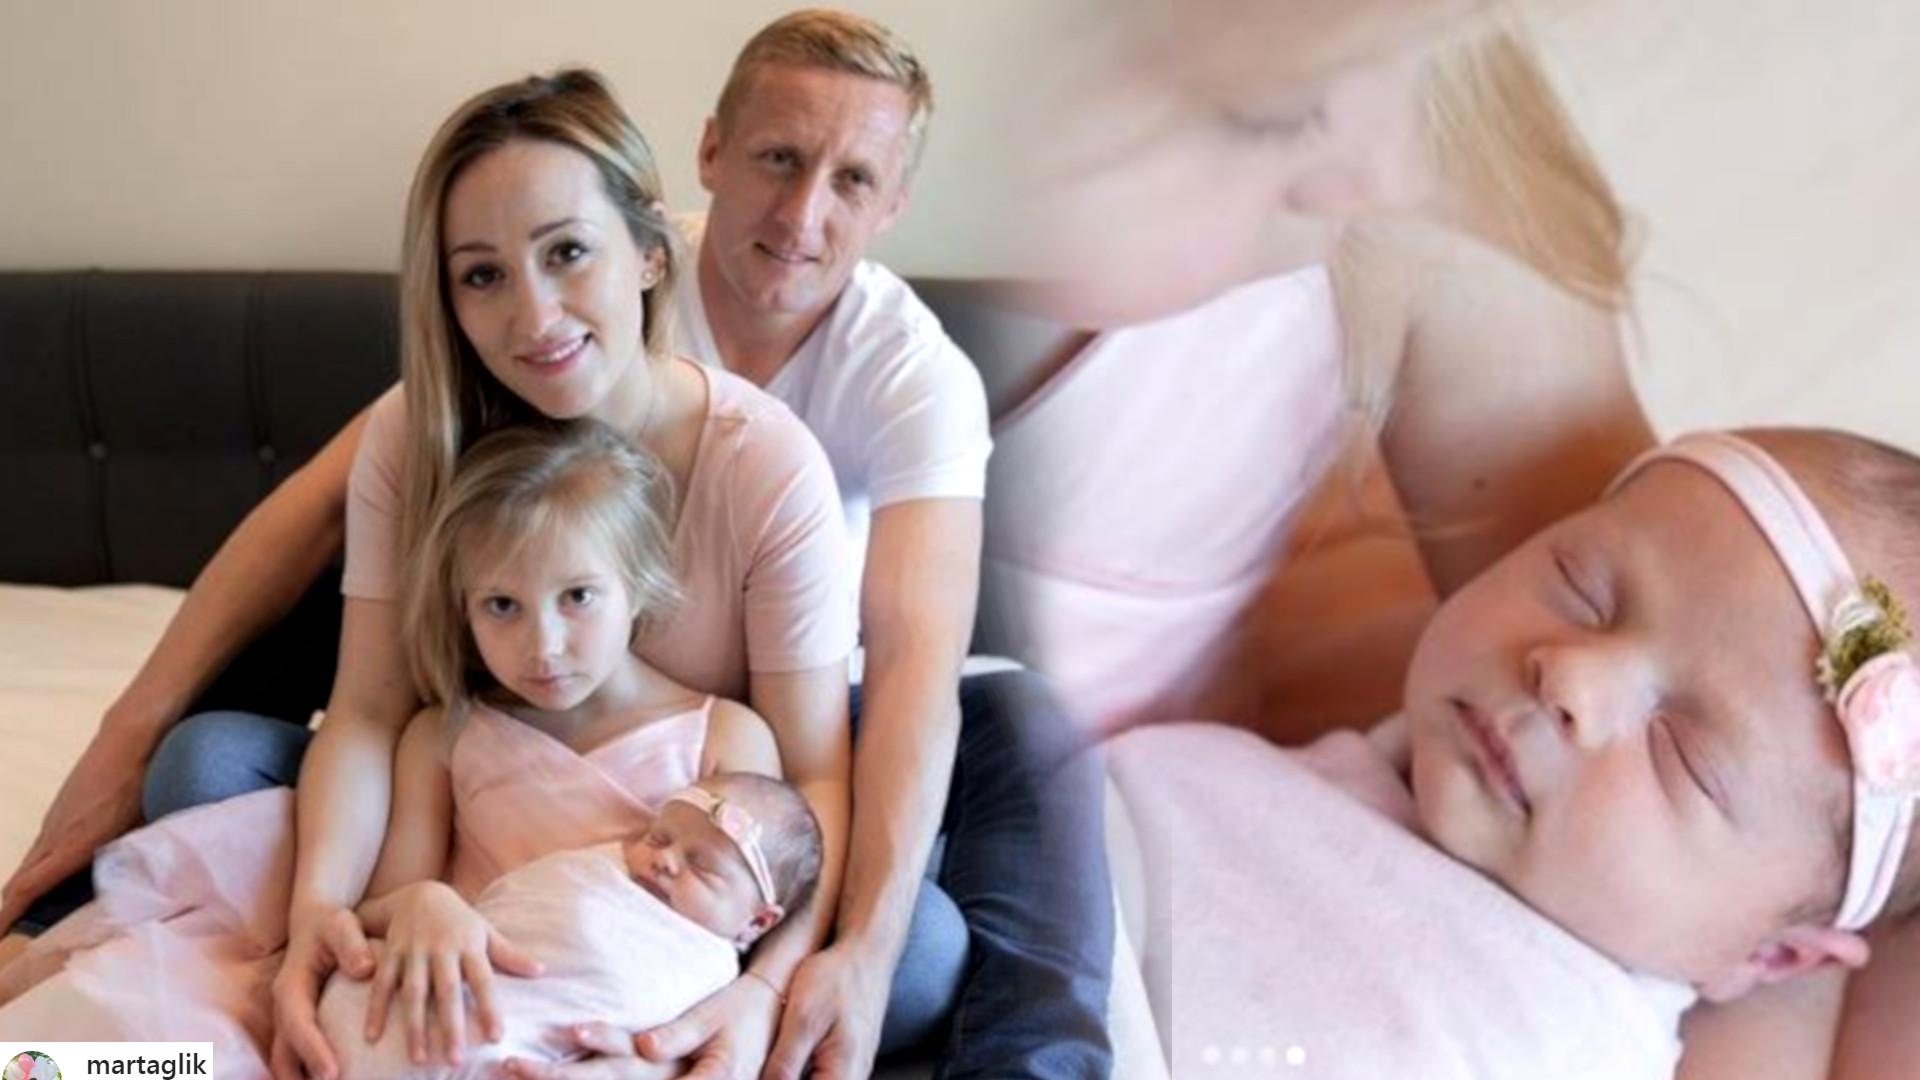 Marta Glik zdradziła oryginalne imię drugiej córeczki – zdanie internautów podzielone